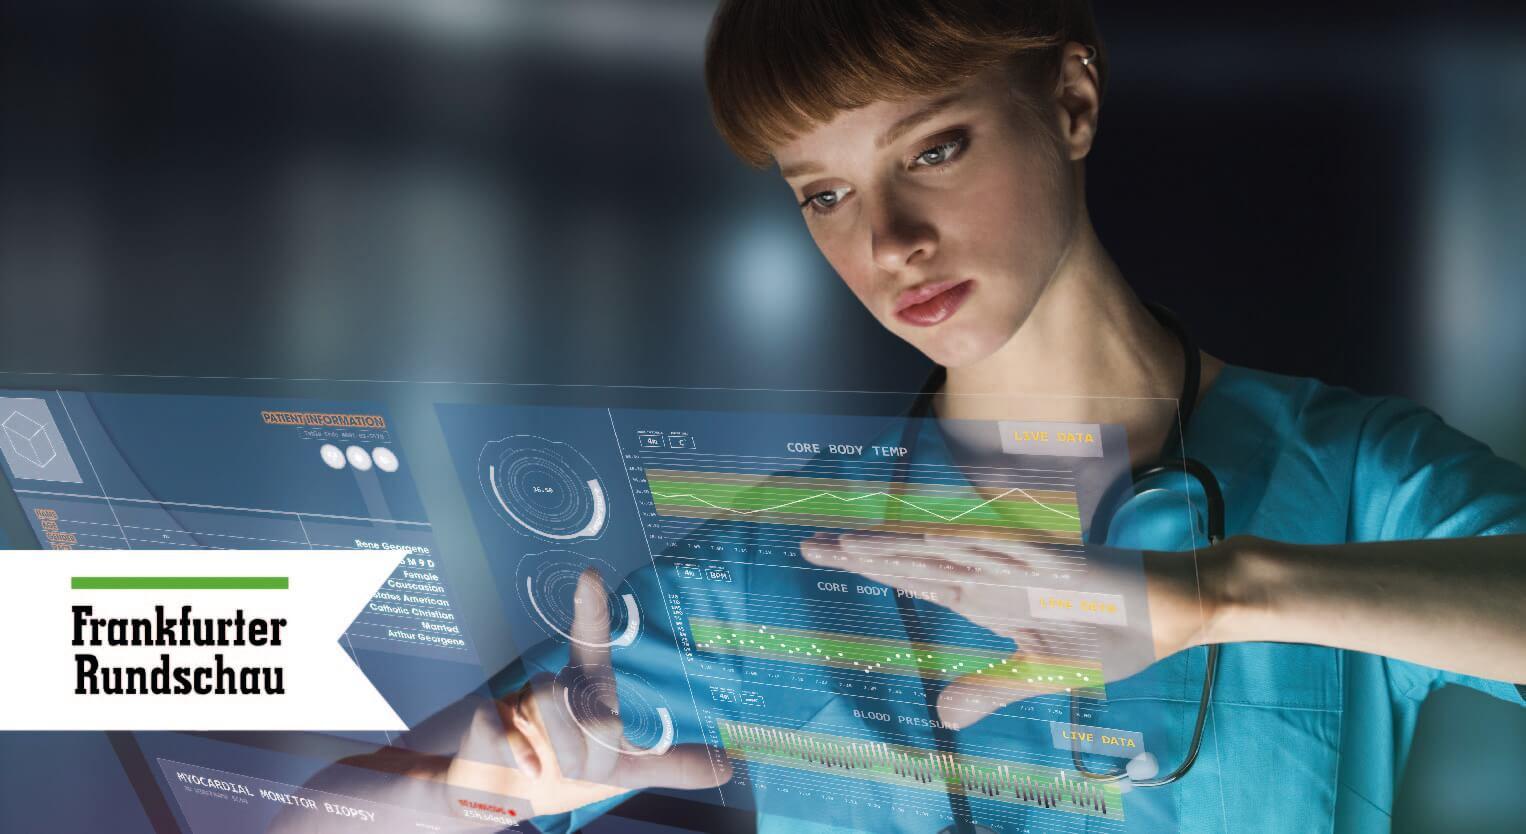 Frankfurter RS: Technologiemetalle als Geldanlage?